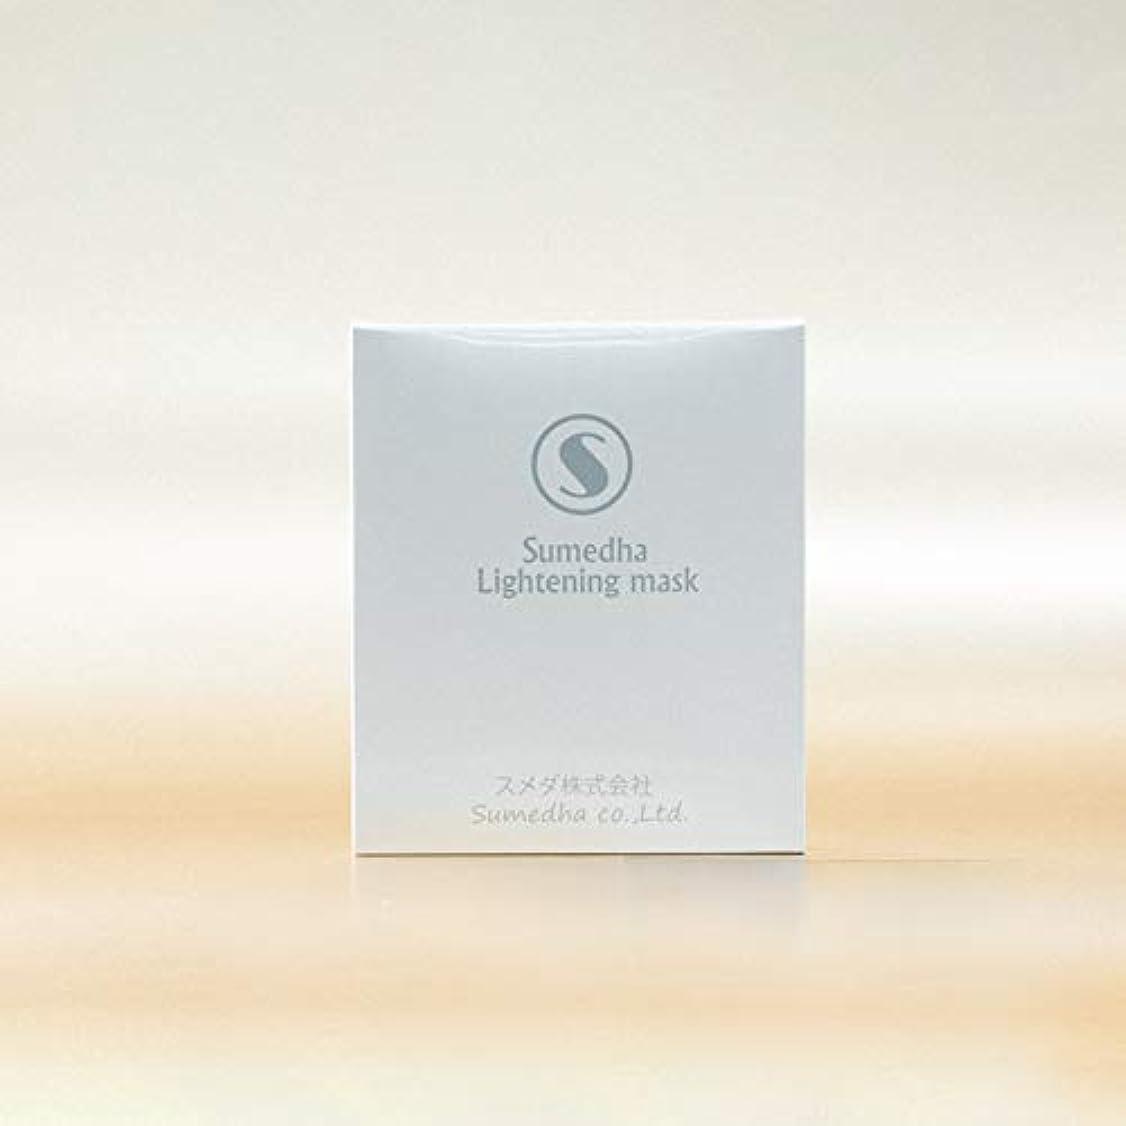 中庭防止文字フェイスマスク Sumedha パック 保湿マスク 日本製 マスク フェイスパック 3枚入り 美白 美容 アンチセンシティブ 角質層修復 抗酸化 保湿 補水 敏感肌 発赤 アレルギー緩和 コーセー (美白)